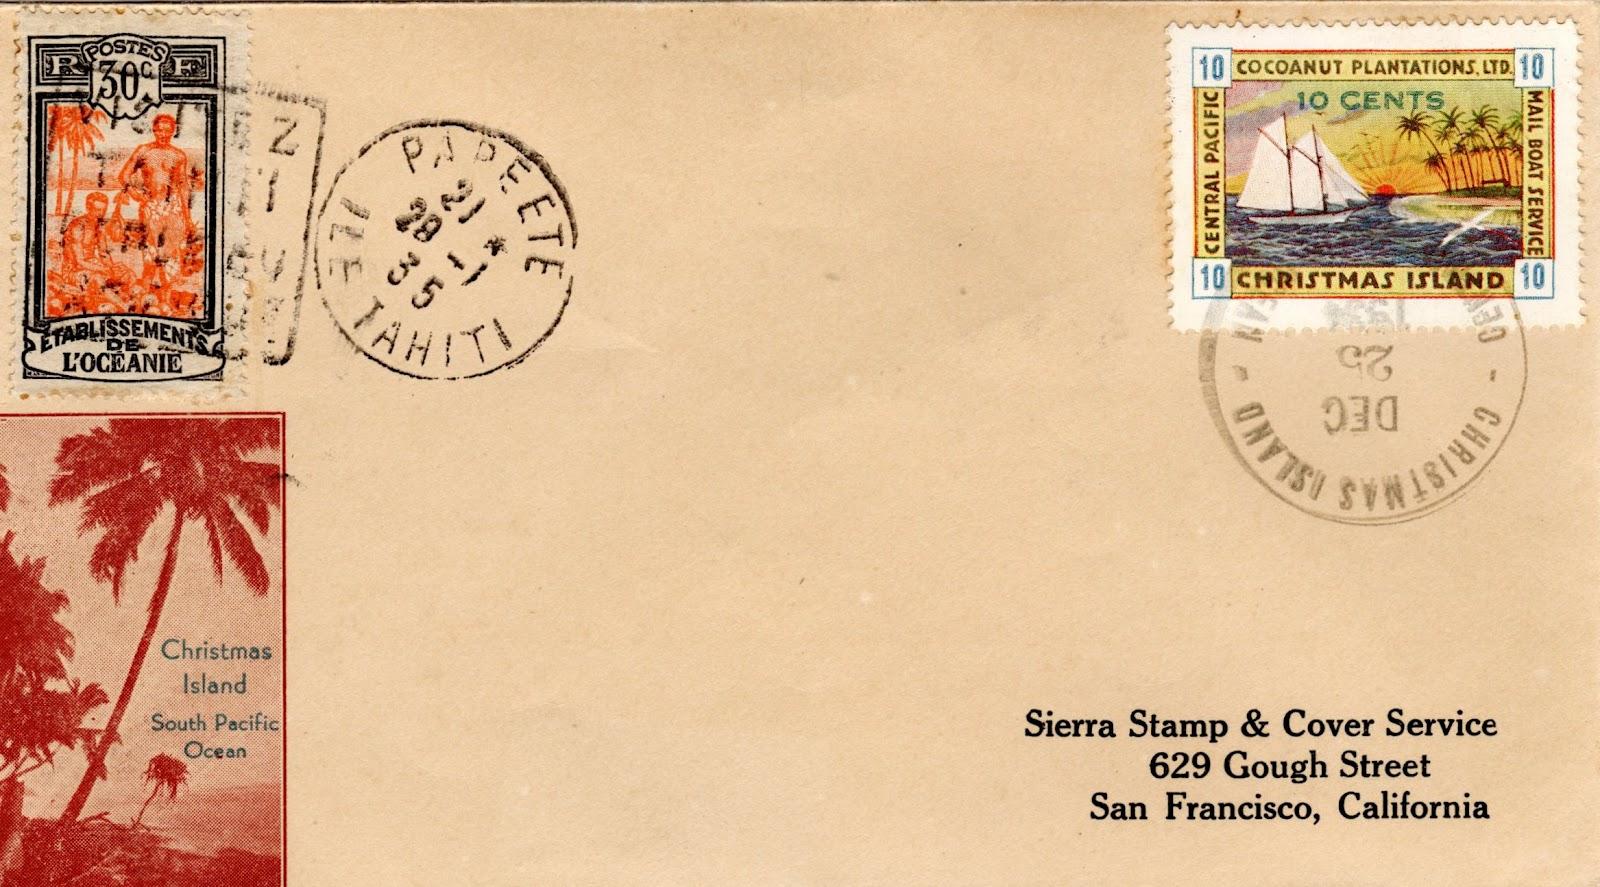 Sur cette lettre affranchie à Christmas Island, on voit qu'un double affranchissement EFO (à gauche) a été fait pour que le courrier arrive à destination, les postes ne reconnaissant pas les timbres du prêtre millionnaire.